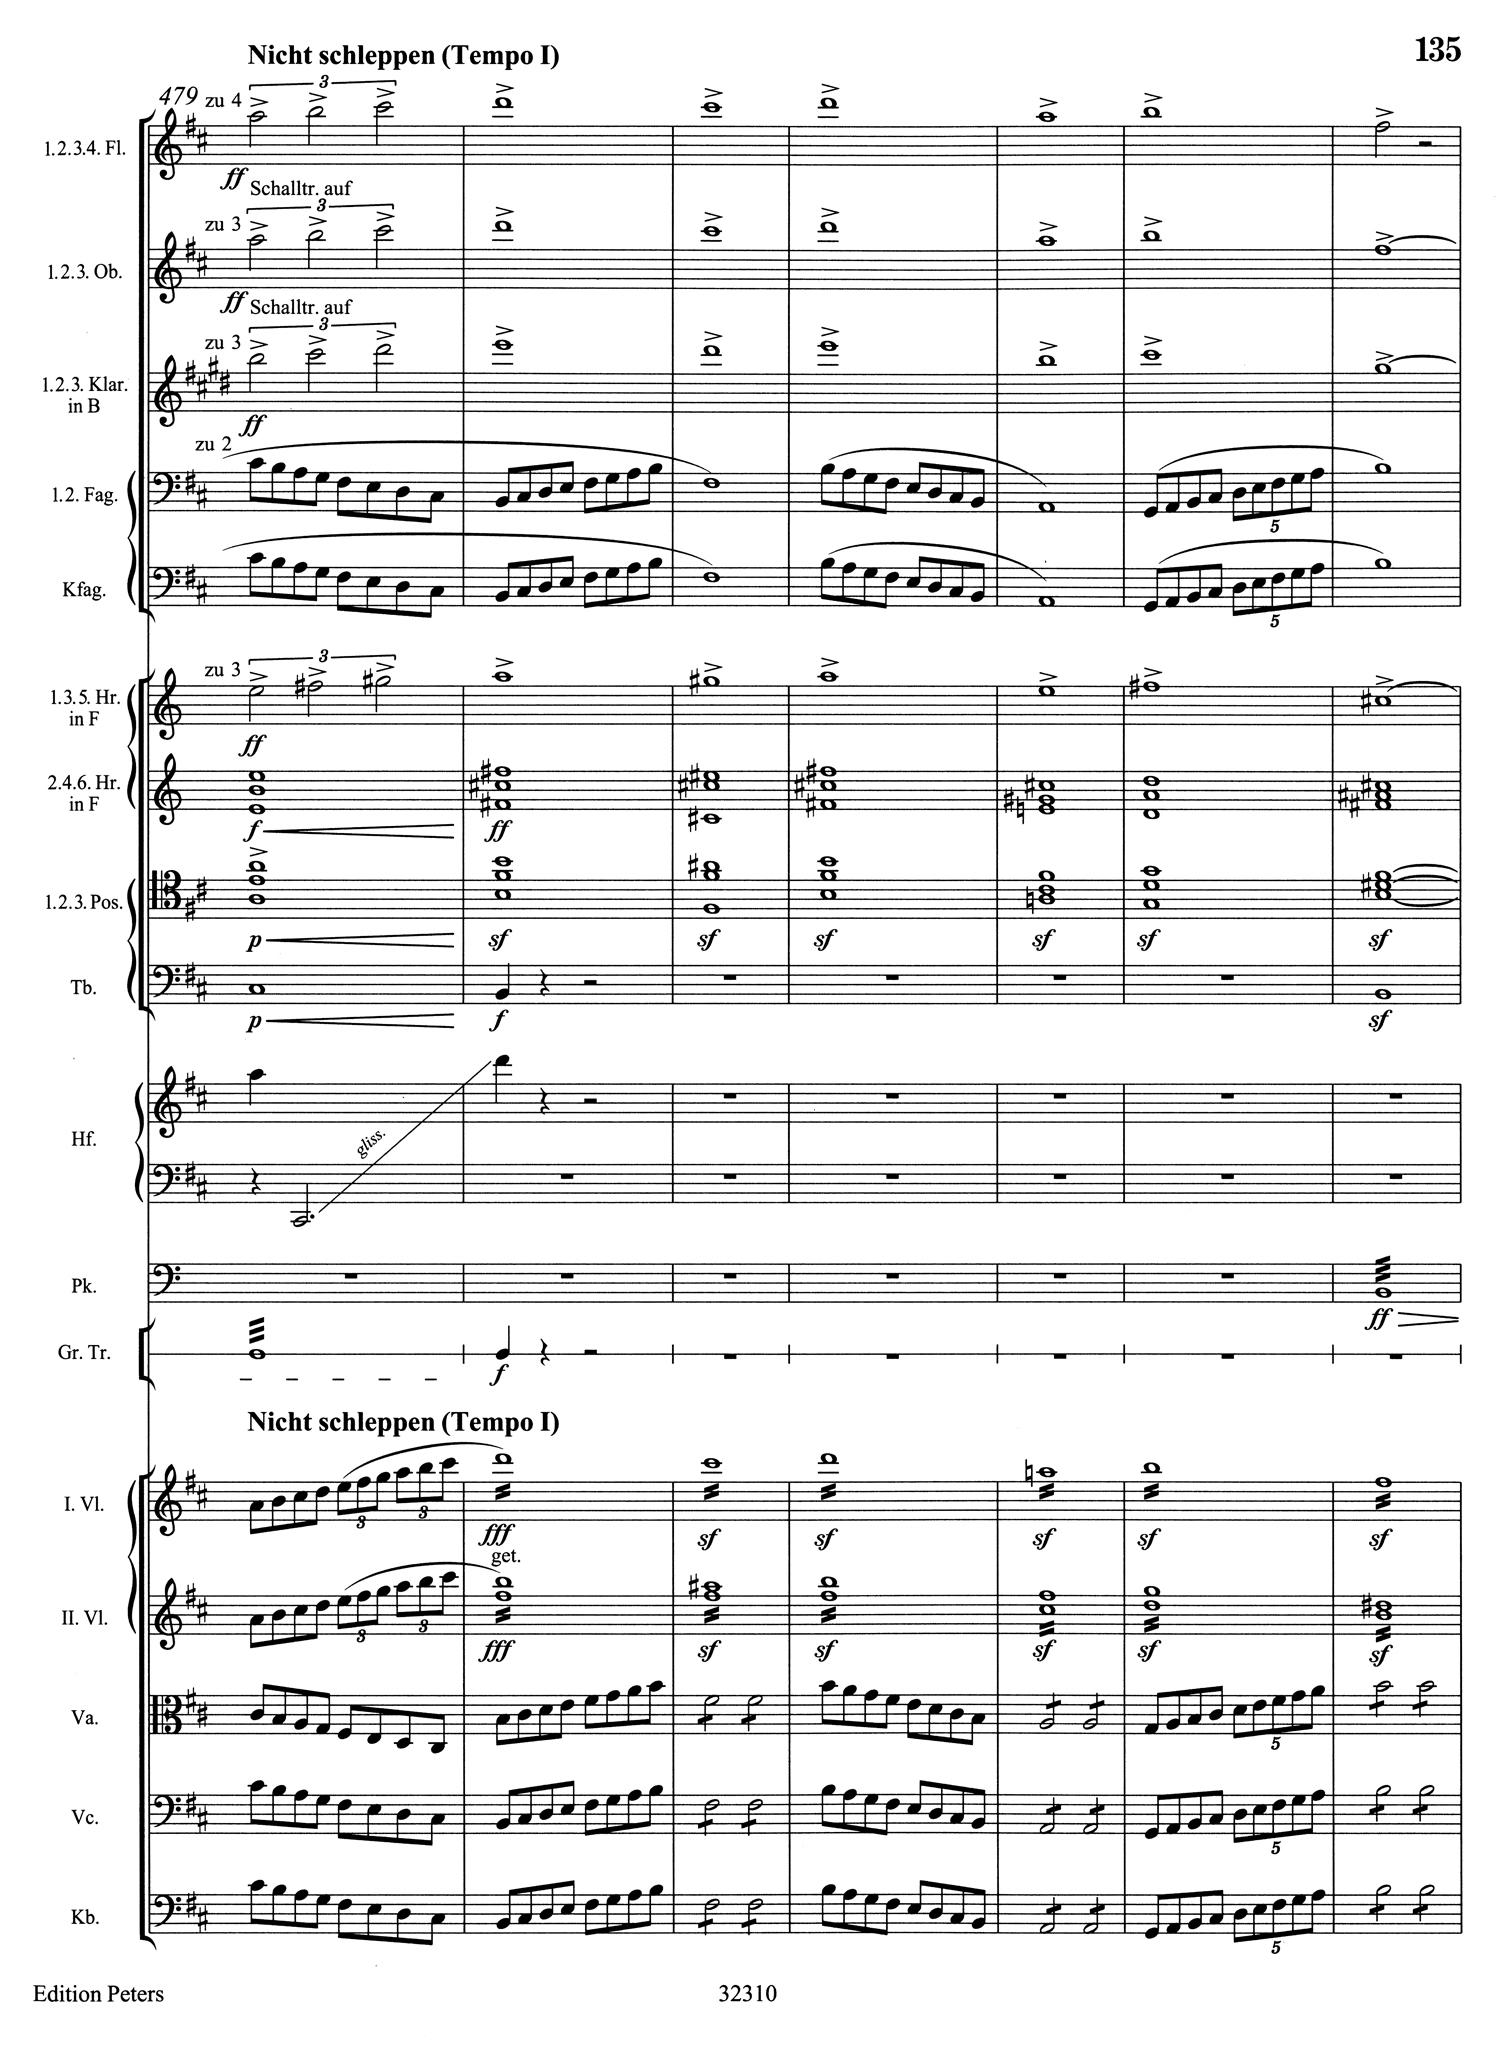 Mahler 5 Score 10.jpg